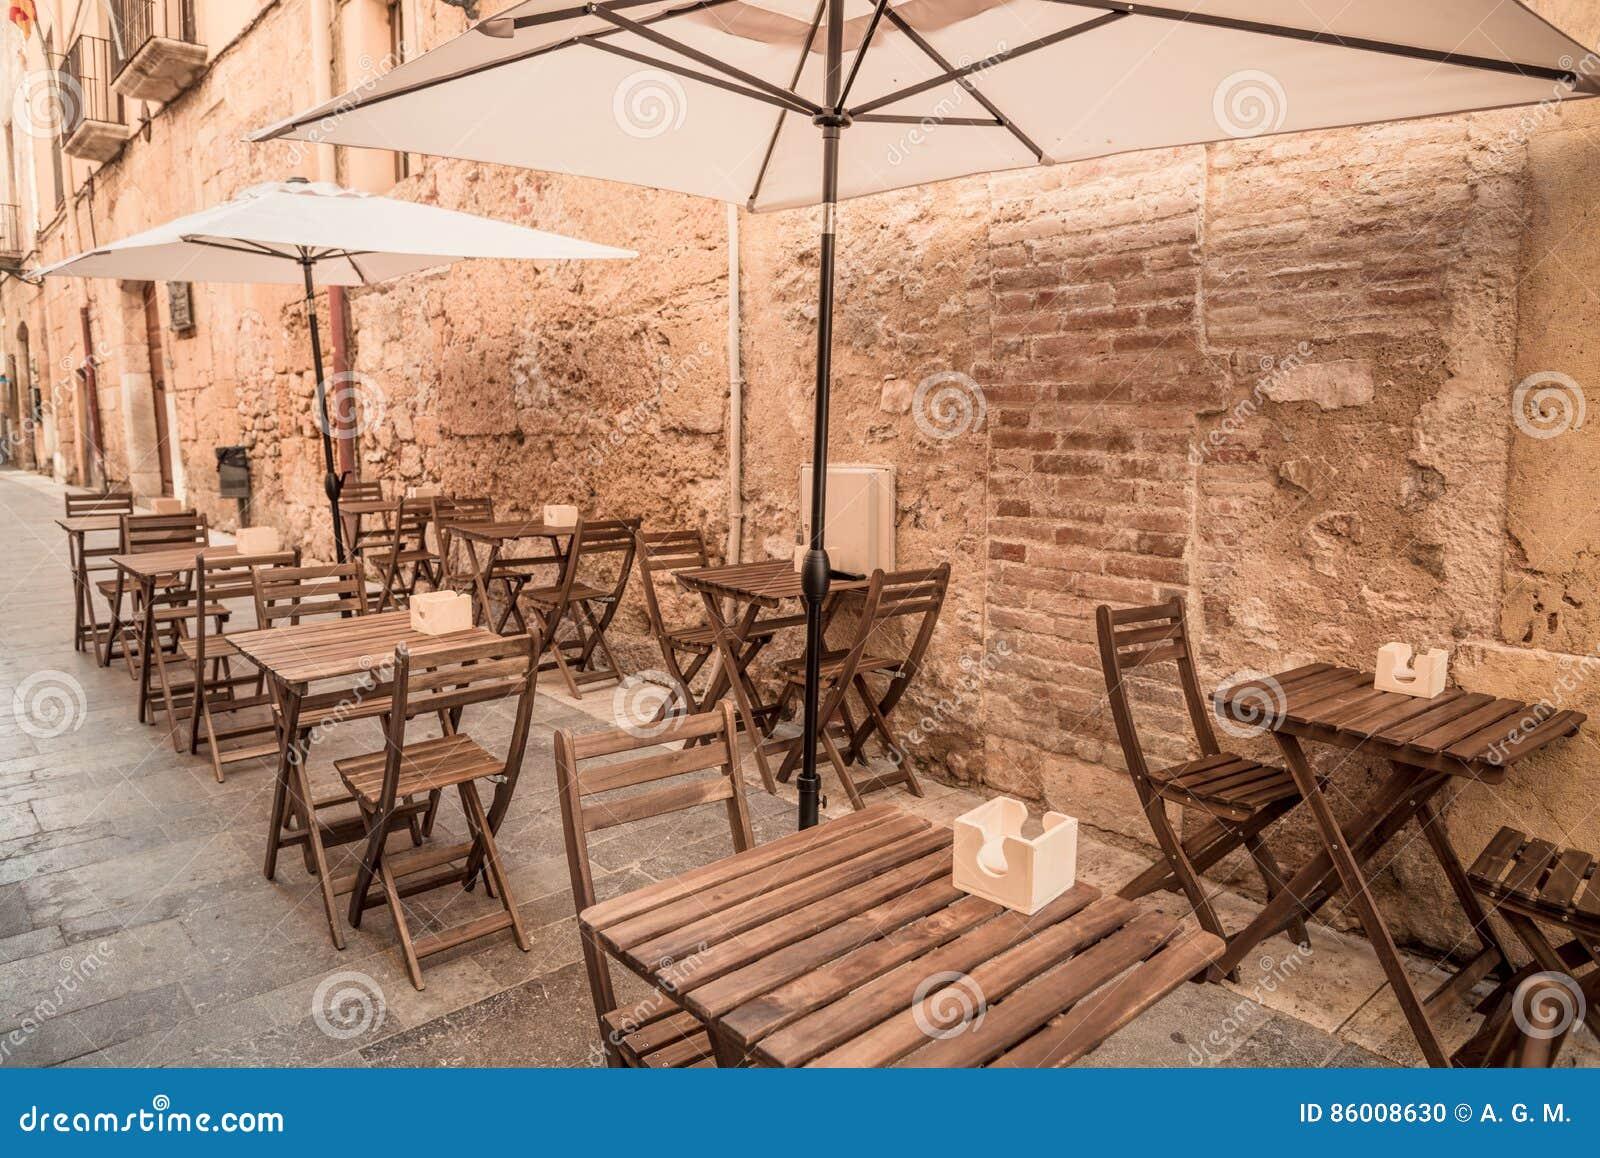 Turismo mediterráneo europeo de la ciudad - terraza del restaurante en la calle